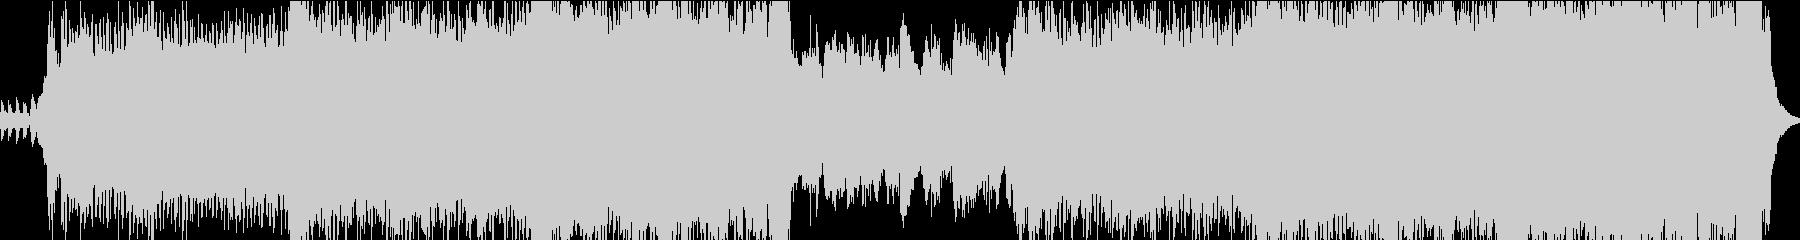 プログレッシブ 交響曲 アクティブ...の未再生の波形